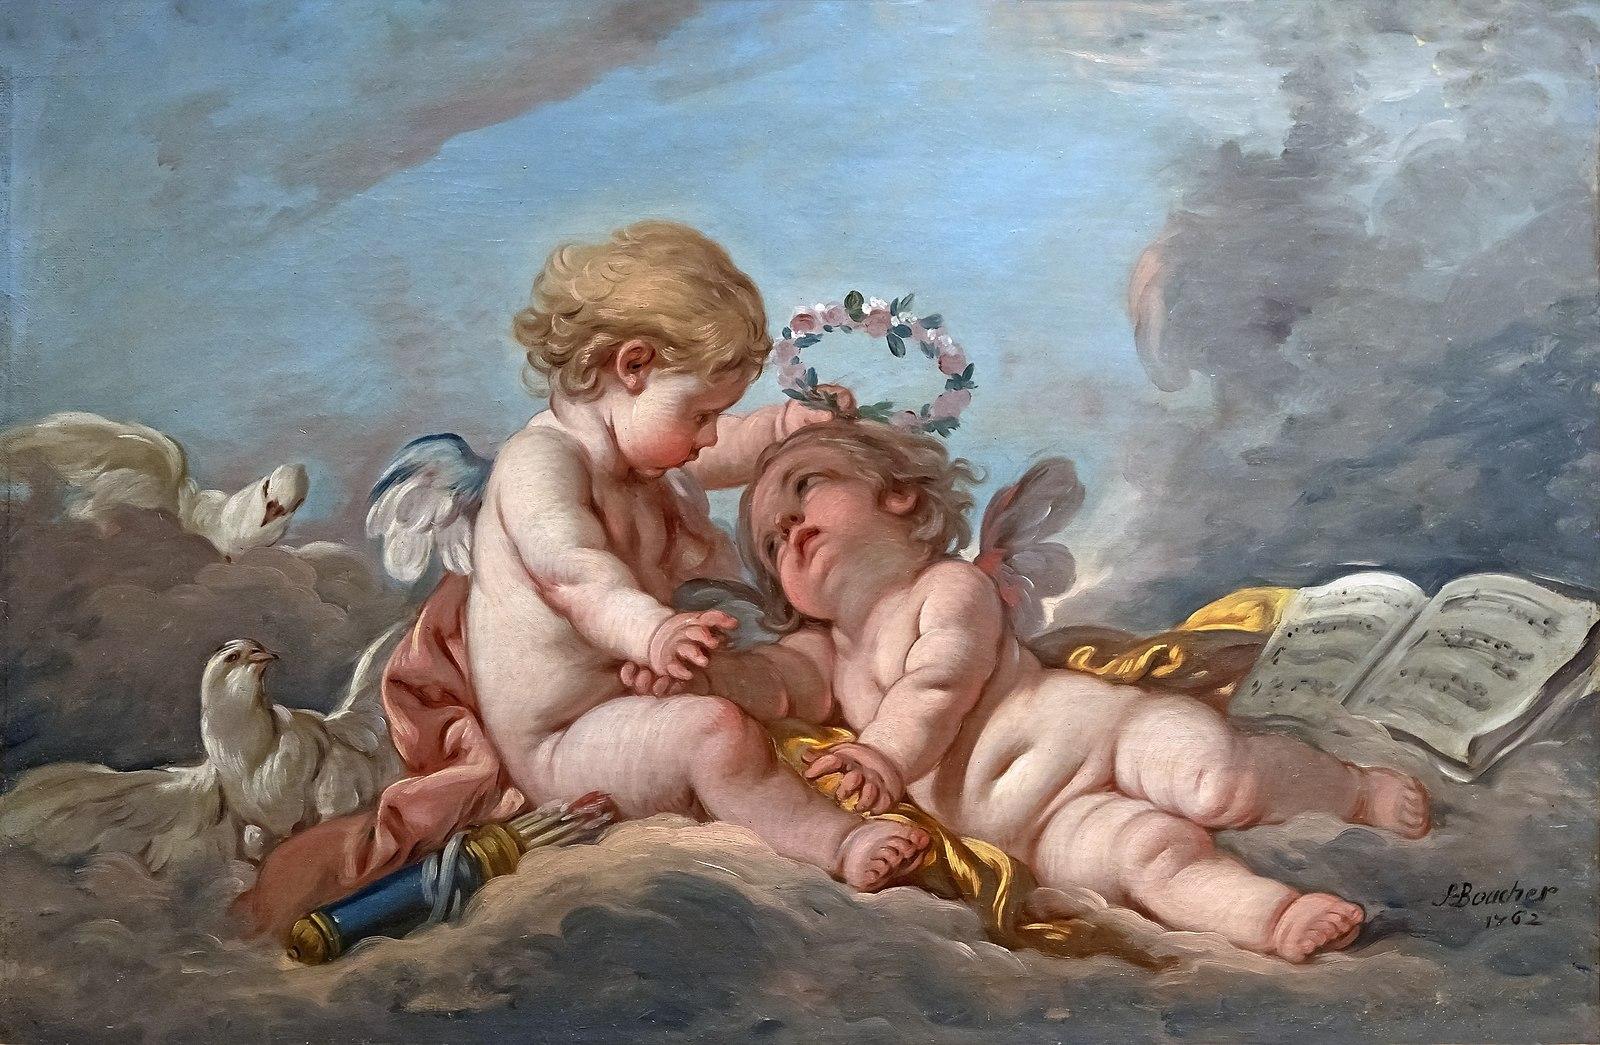 Boucher 1762 Les amours eveilles coll part